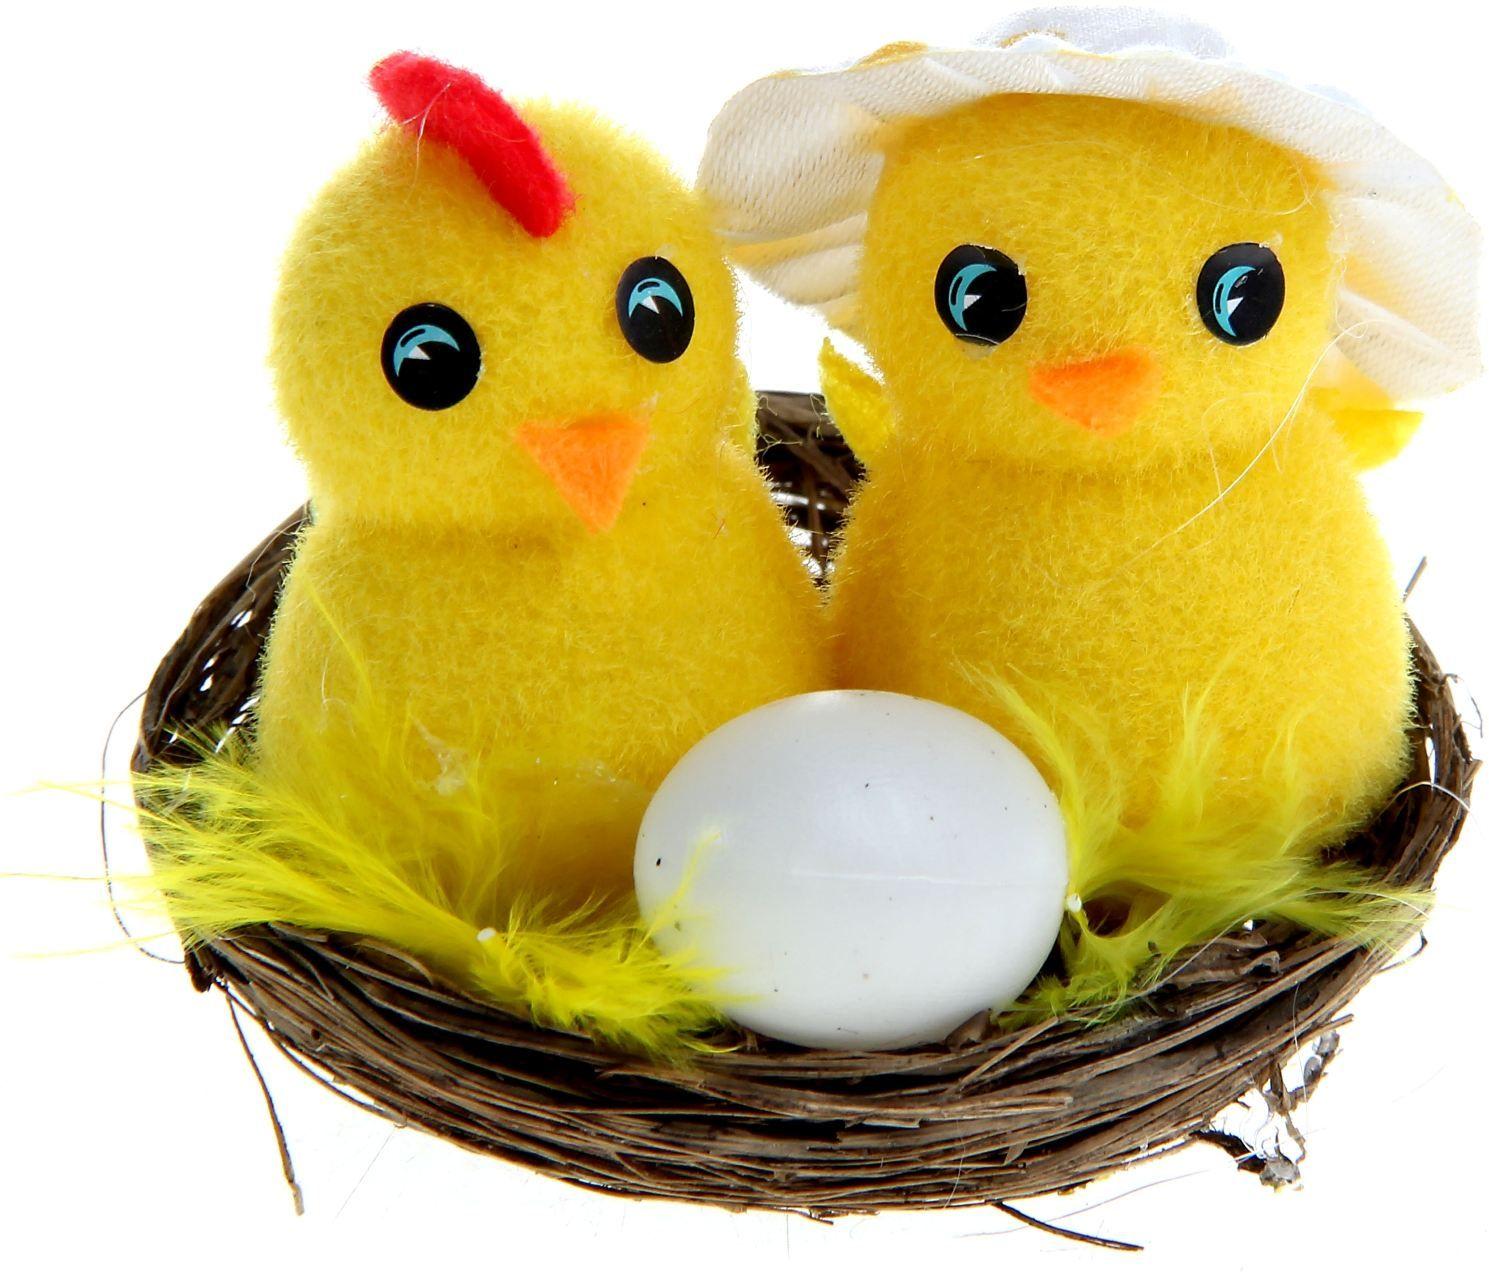 Сувенир пасхальный Sima-land Парочка в шляпке с яйцом, 7 х 7 х 5,5 см990204Сувенир Парочка в шляпке с яйцом - самый популярный пасхальный декор. Фигурками цып принято декорировать праздничный пасхальный стол во многих странах мира. Россия не исключение. Вы можете украсить таким замечательным сувениром тарелку гостей, превратив её в гнездо. Или преподнести его в качестве подарка близкому человеку.